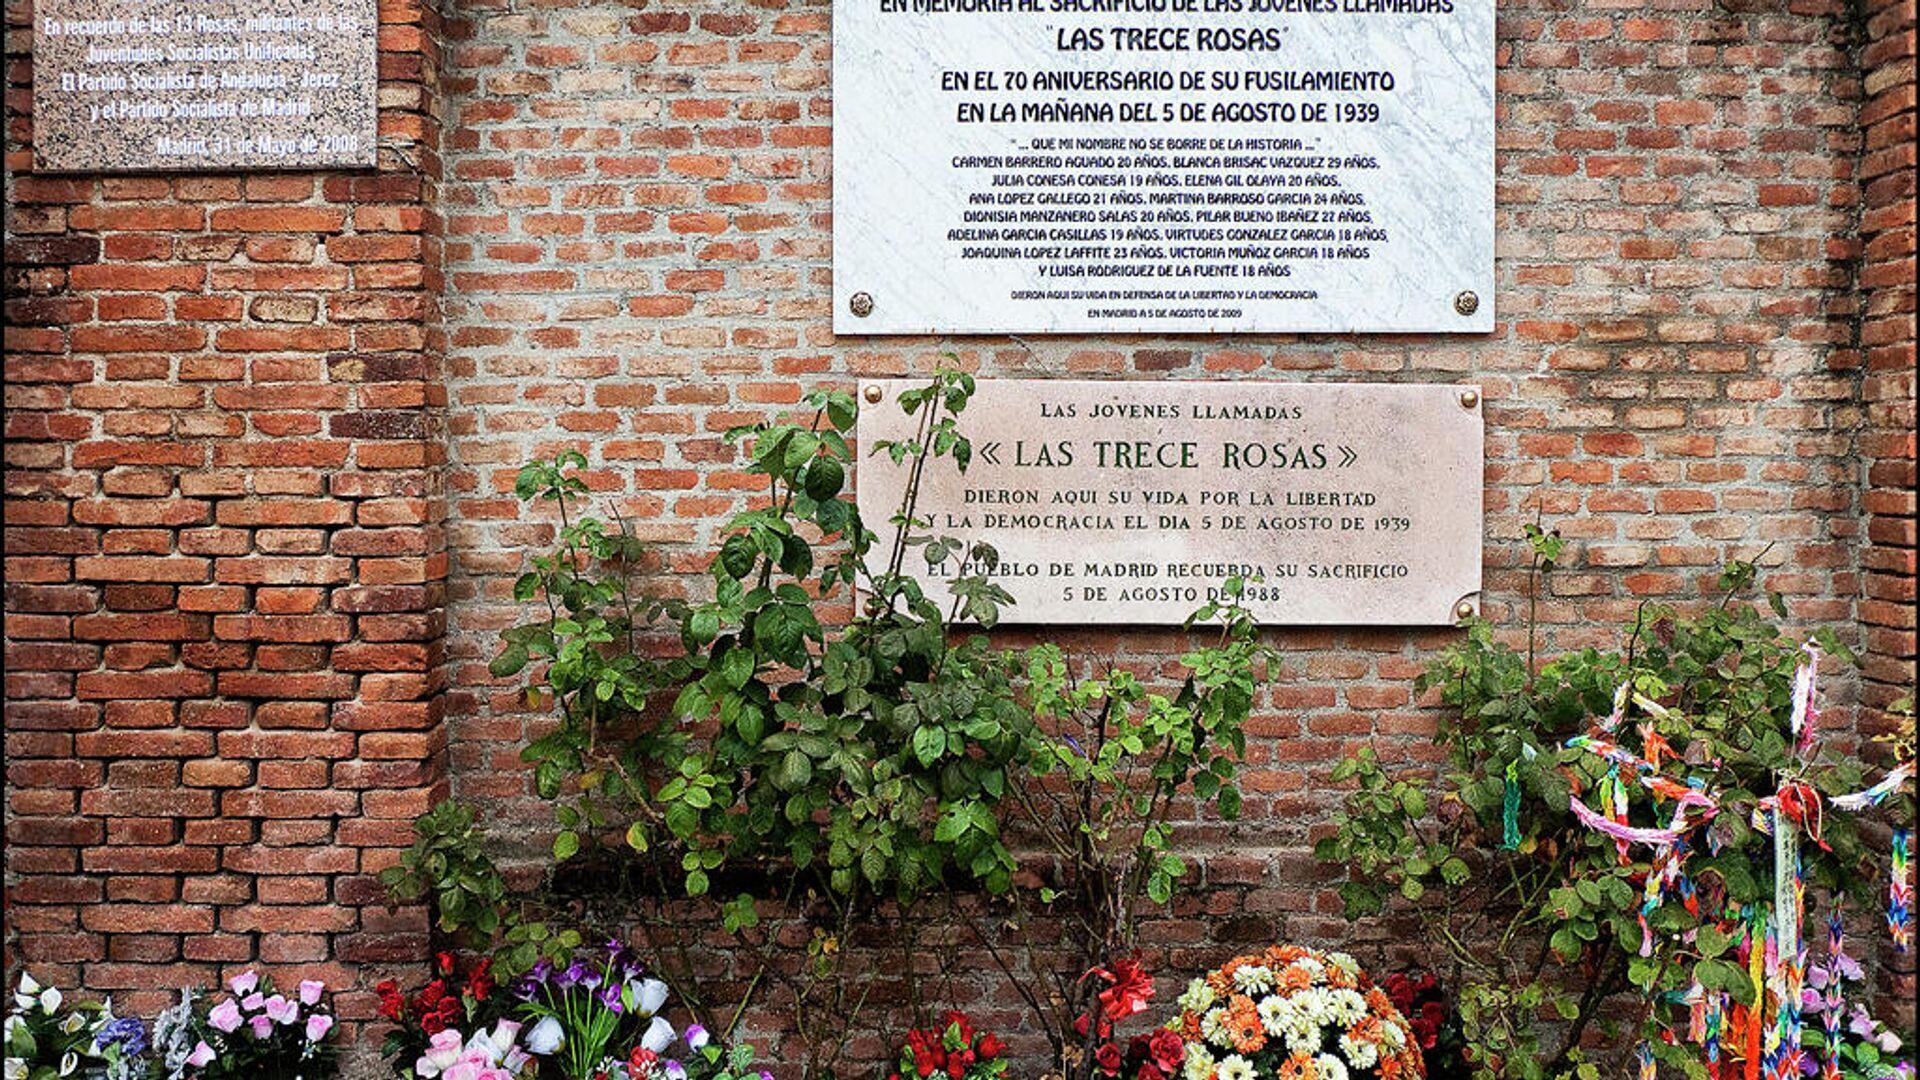 Memorial de las Trece Rosas (Madrid) - Sputnik Mundo, 1920, 05.08.2021